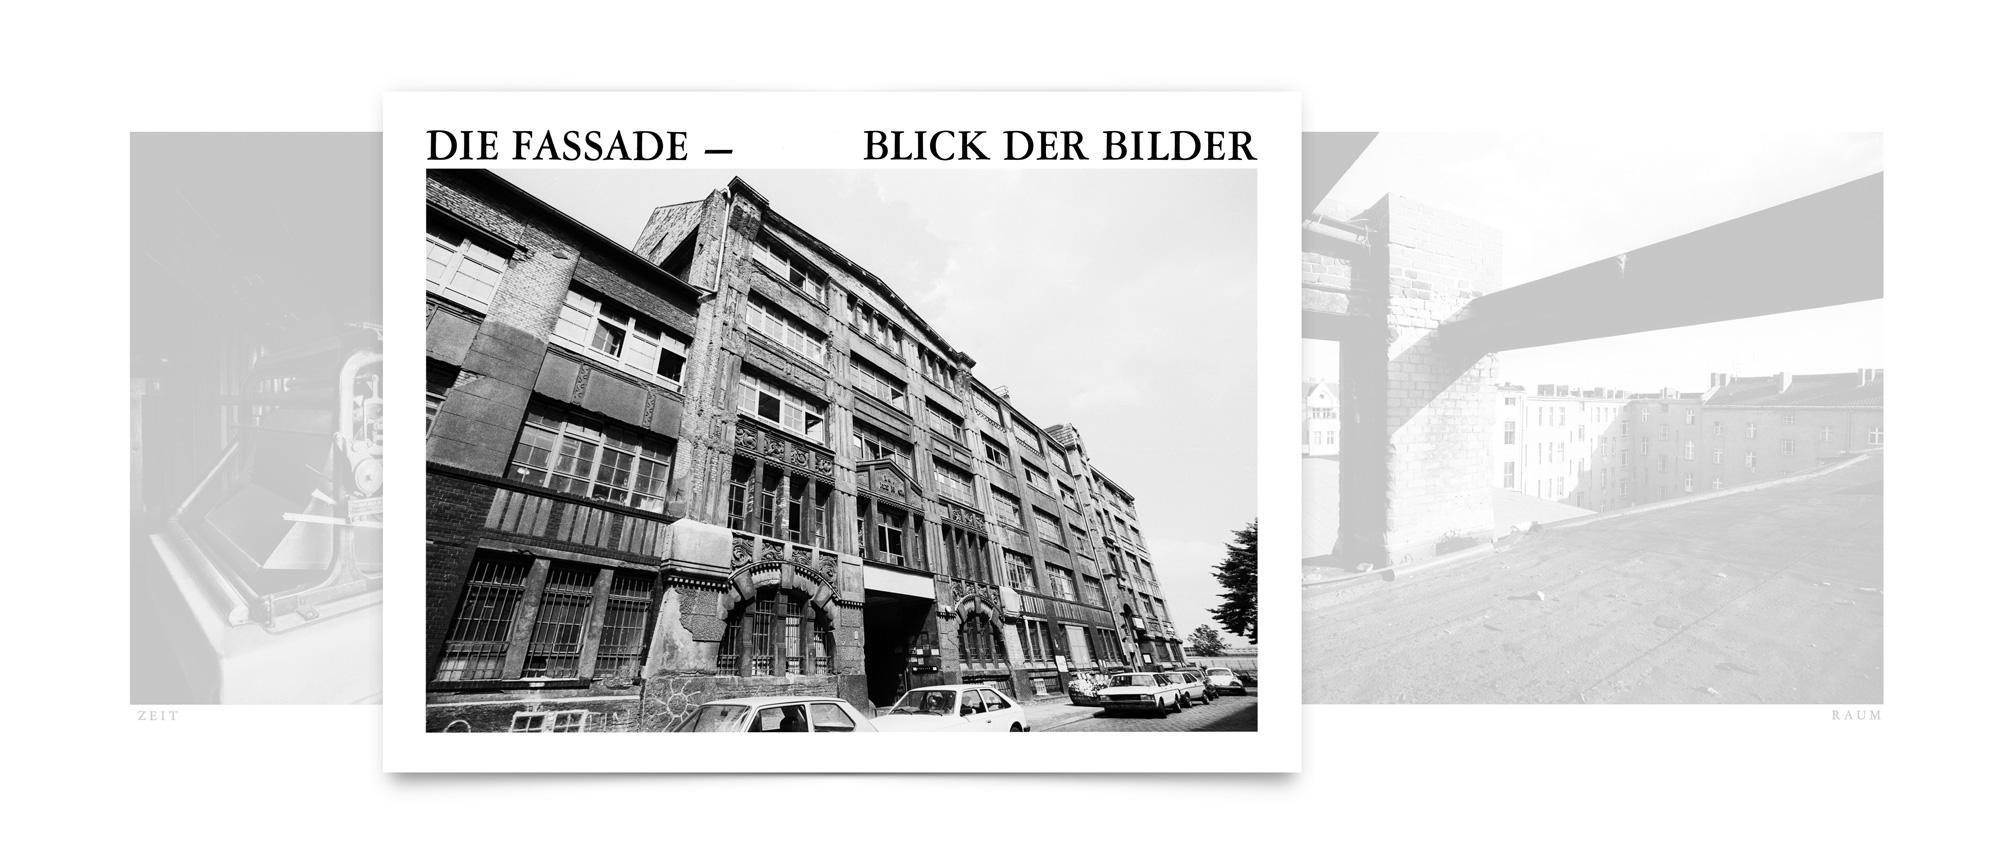 Bild-Text-Projekt: Die Fassade - Blick der Bilder